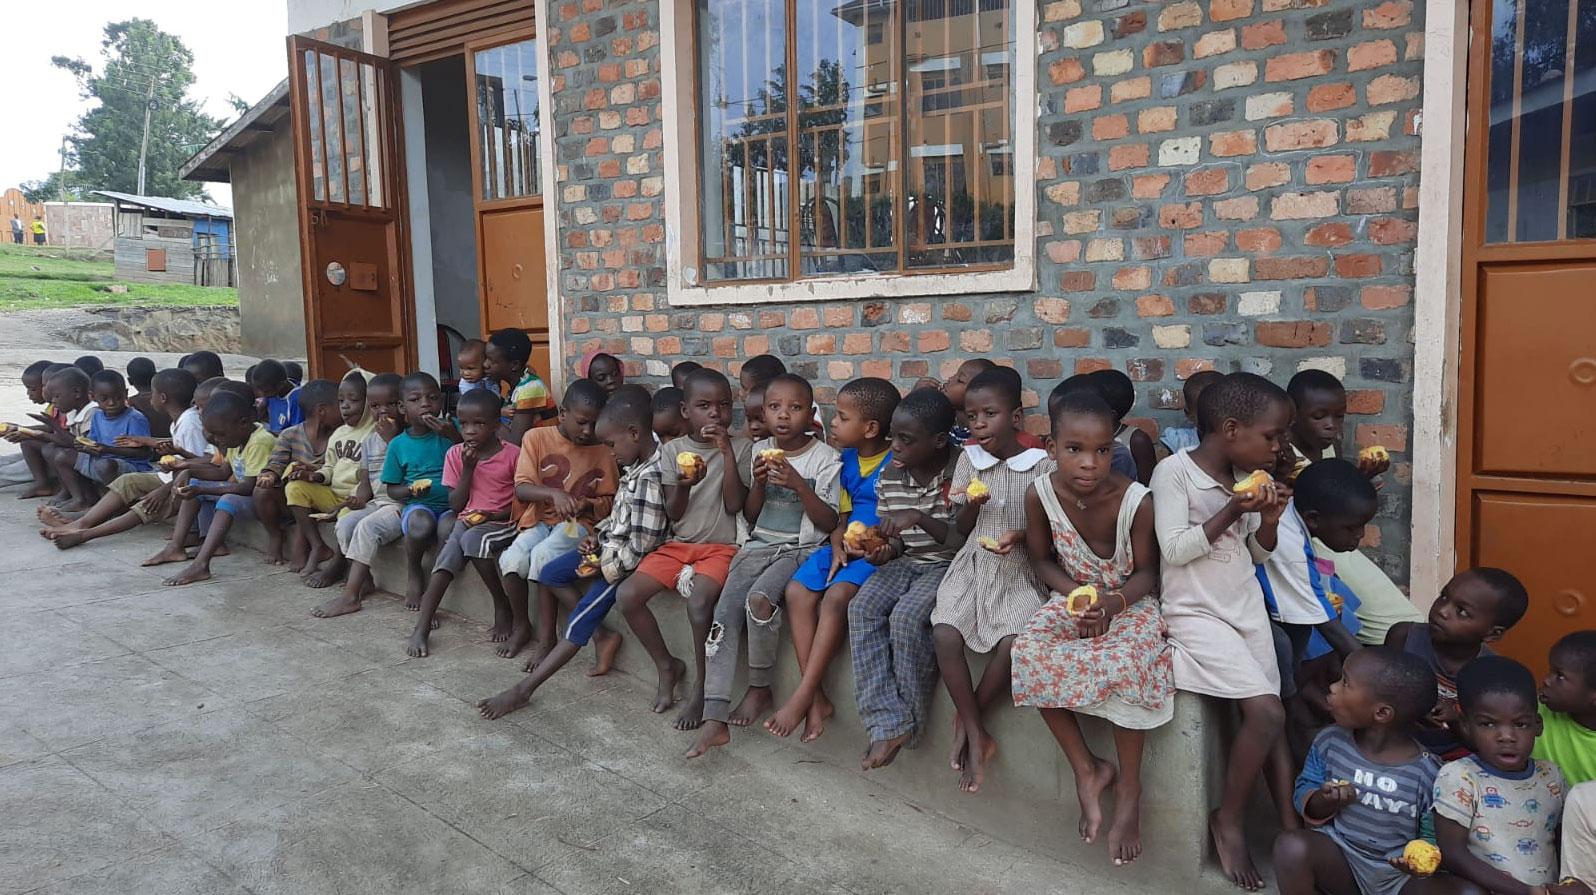 jestescieswiatlem-Budowa-domu-dla-bezdomnych-dzieci-w-Ugandzie-4